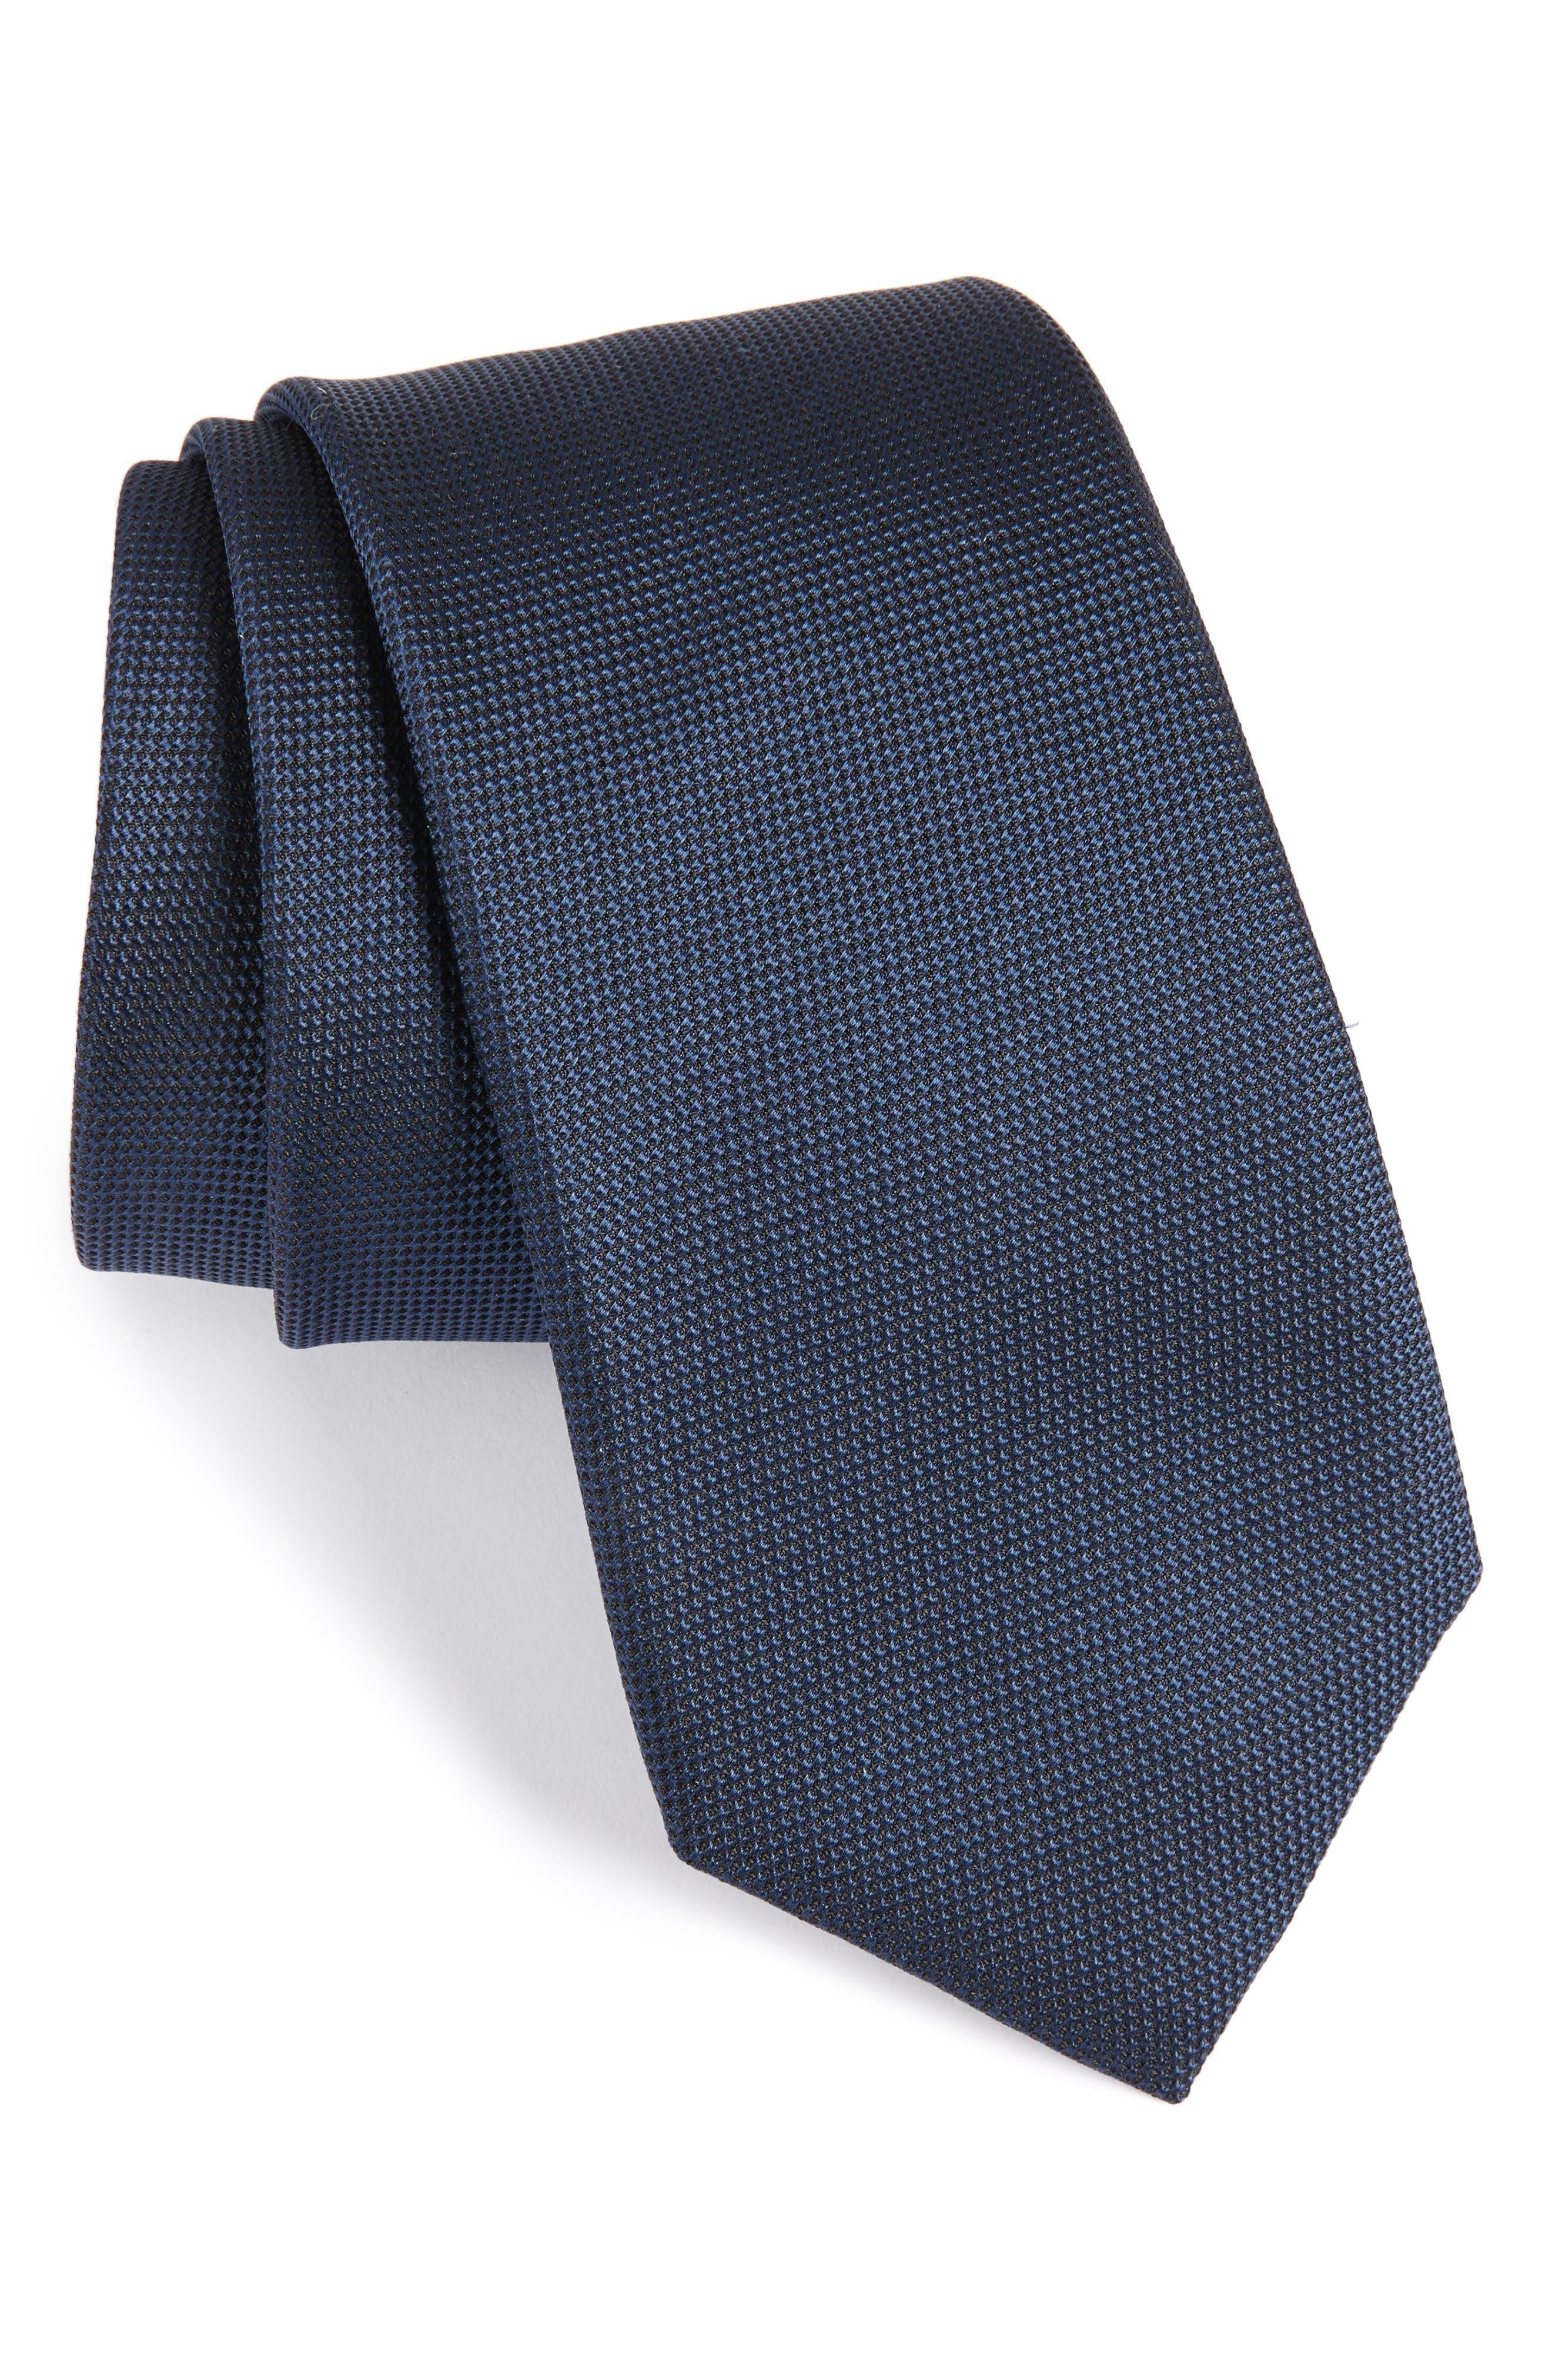 Main Image - BOSS Silk Tie